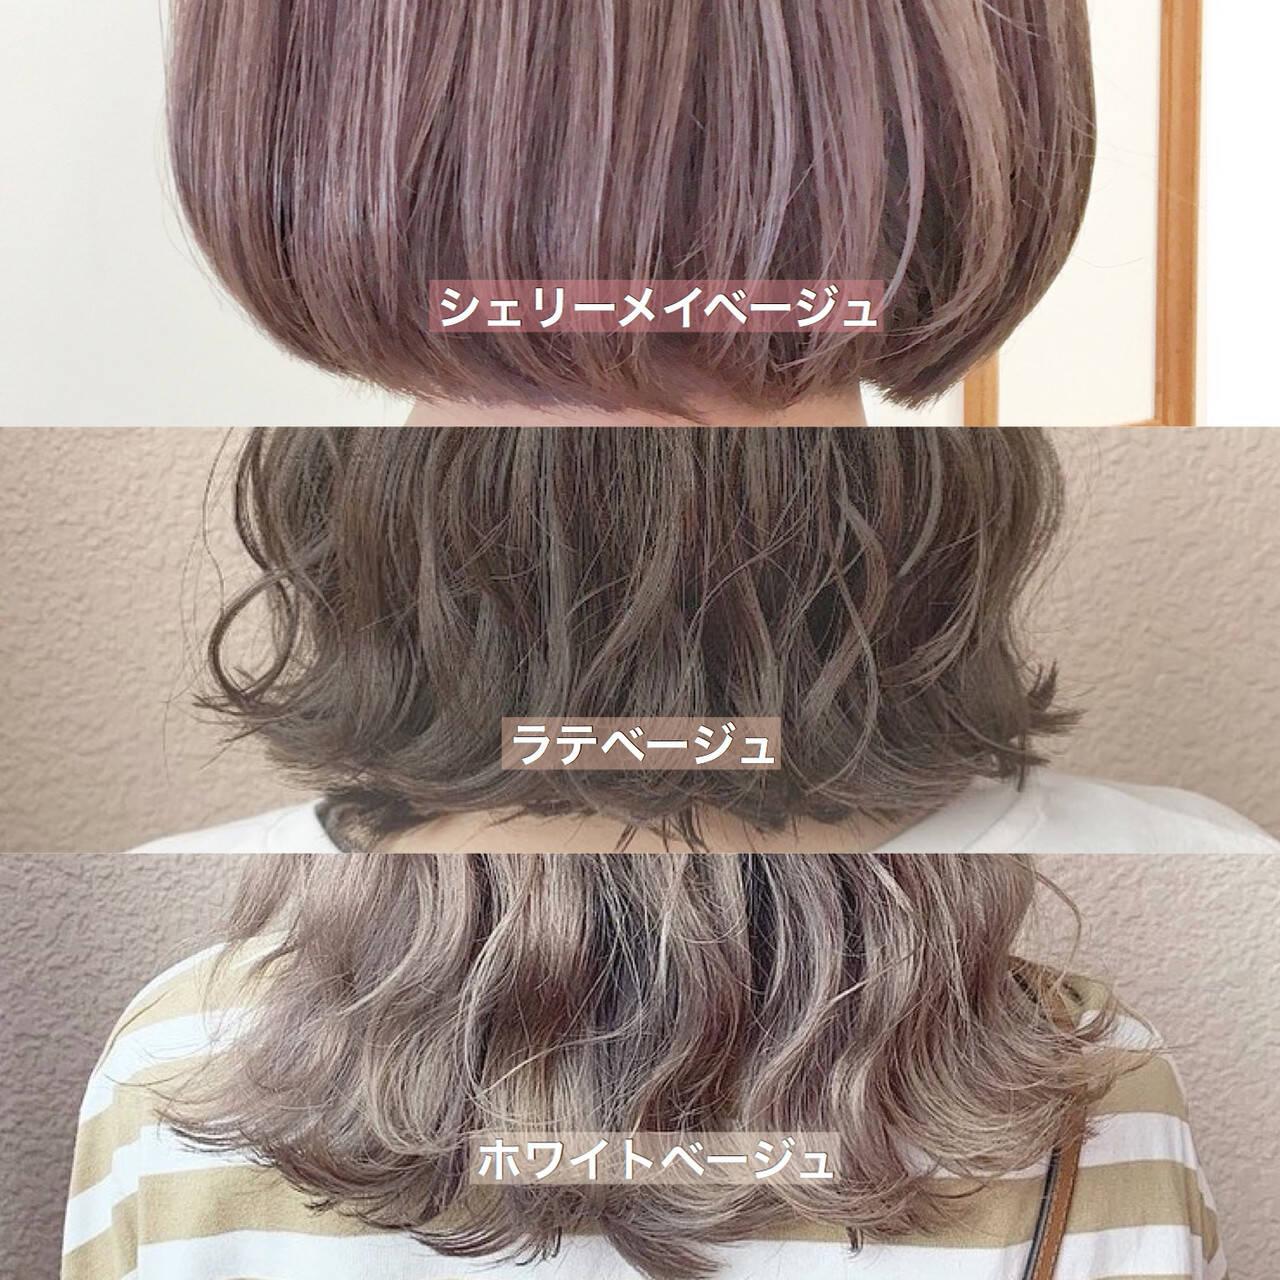 透明感カラー ブリーチカラー 大人可愛い ミニボブヘアスタイルや髪型の写真・画像